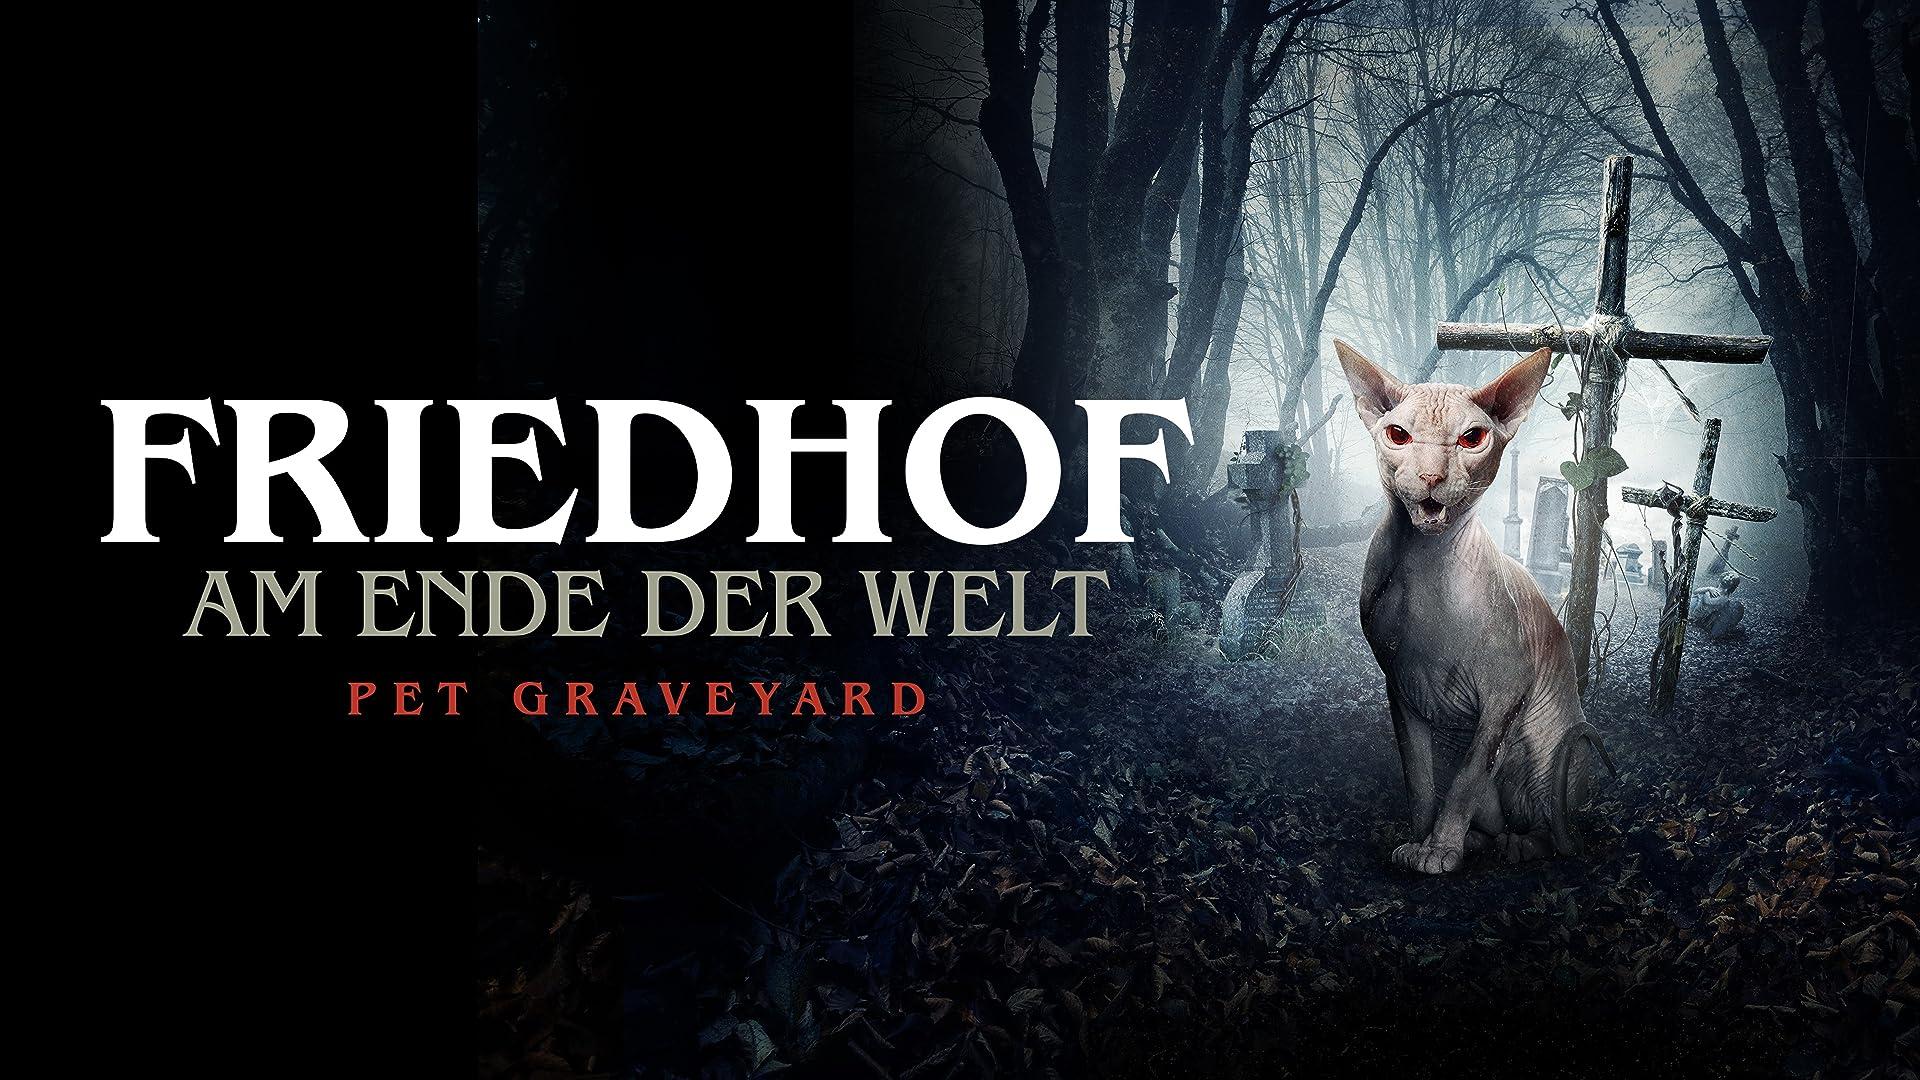 Friedhof am Ende der Welt: Pet Graveyard